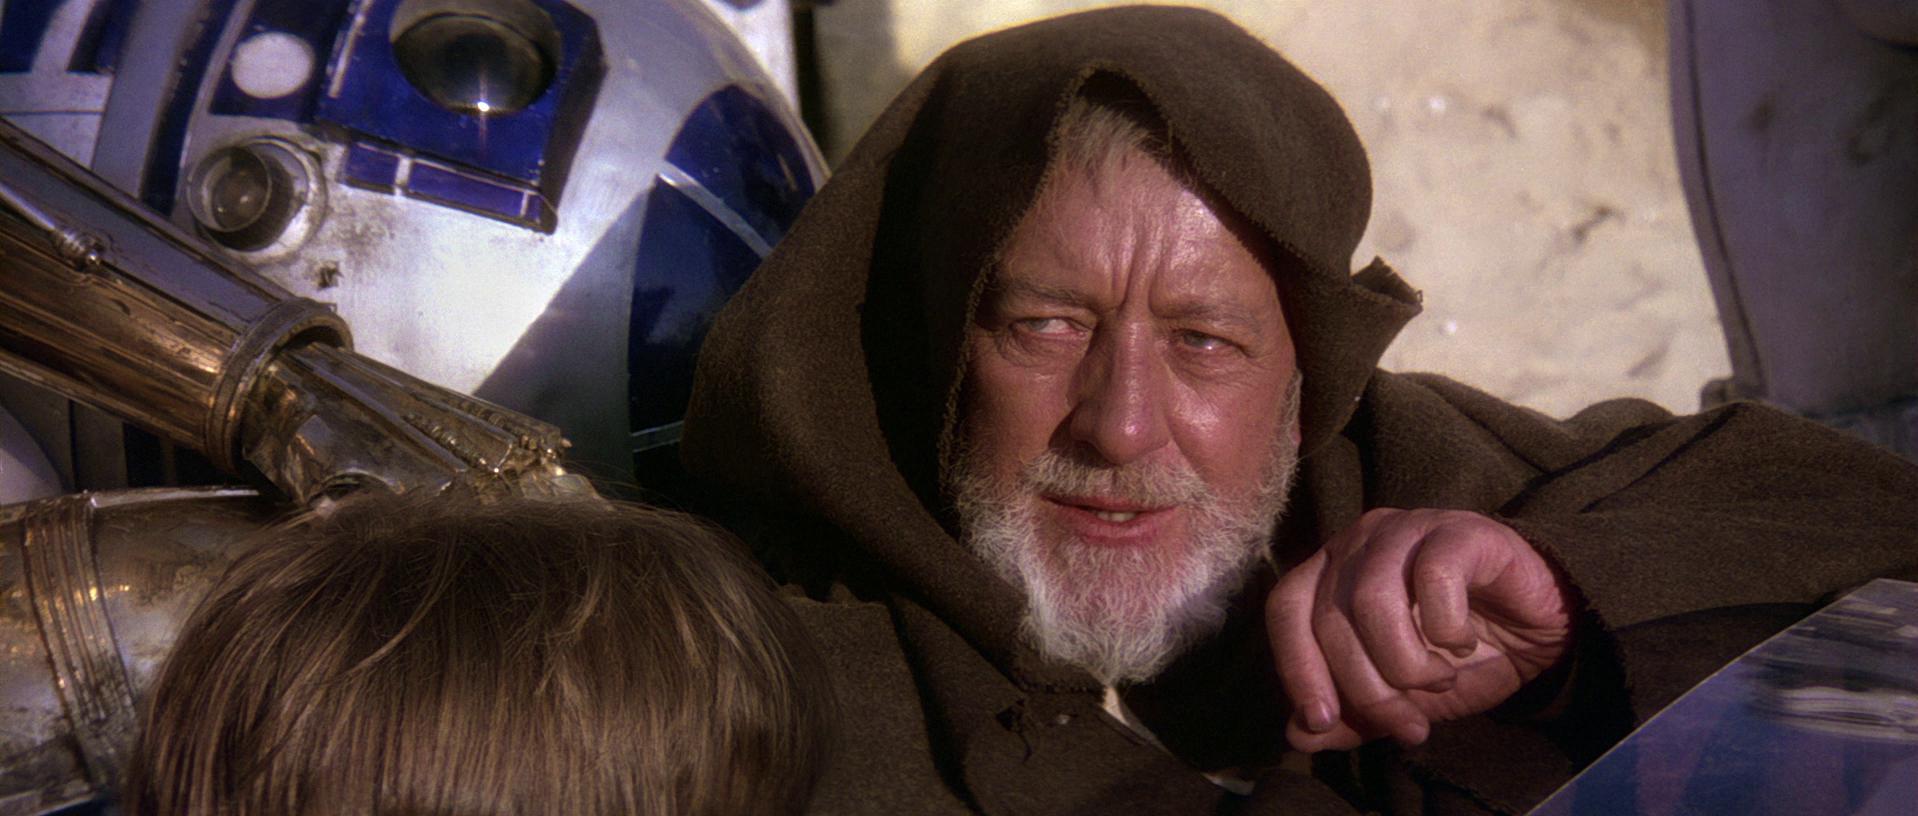 Чьим падаваном был Оби-Ван Кеноби?